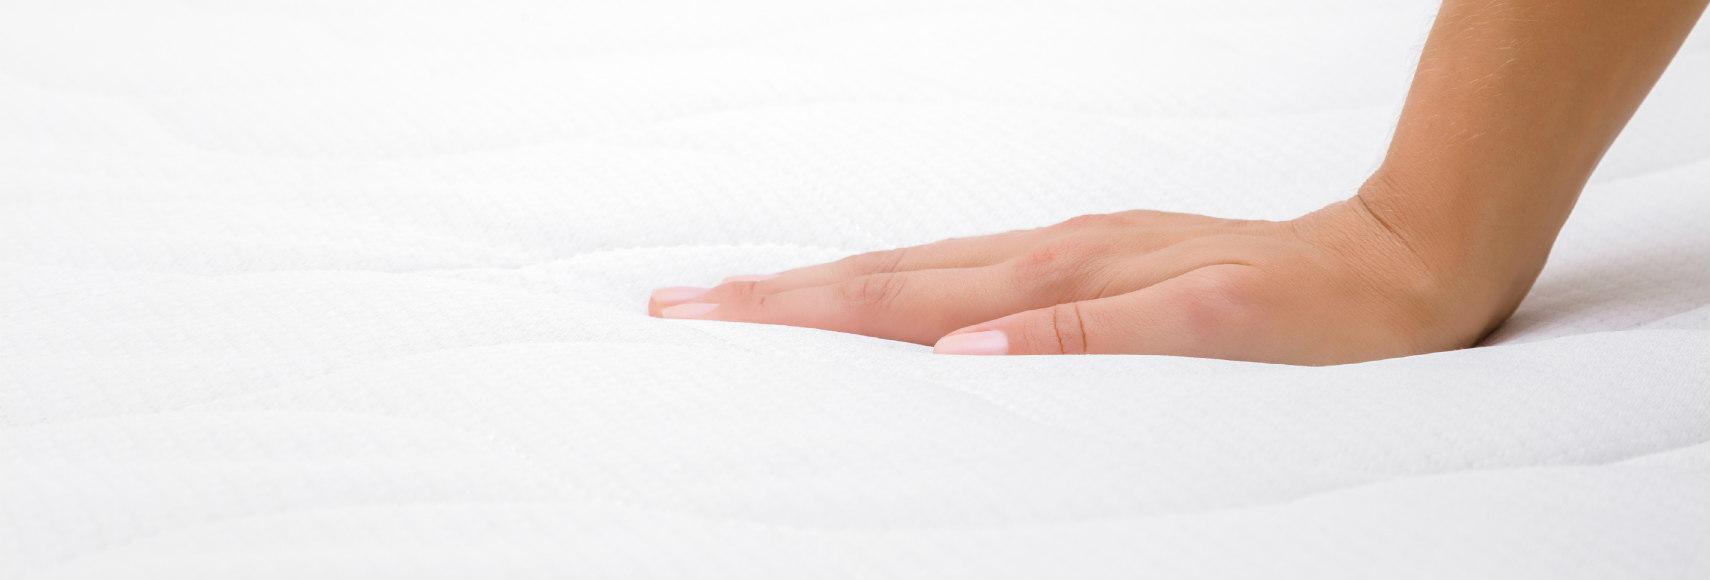 traagschuim matras kopen online